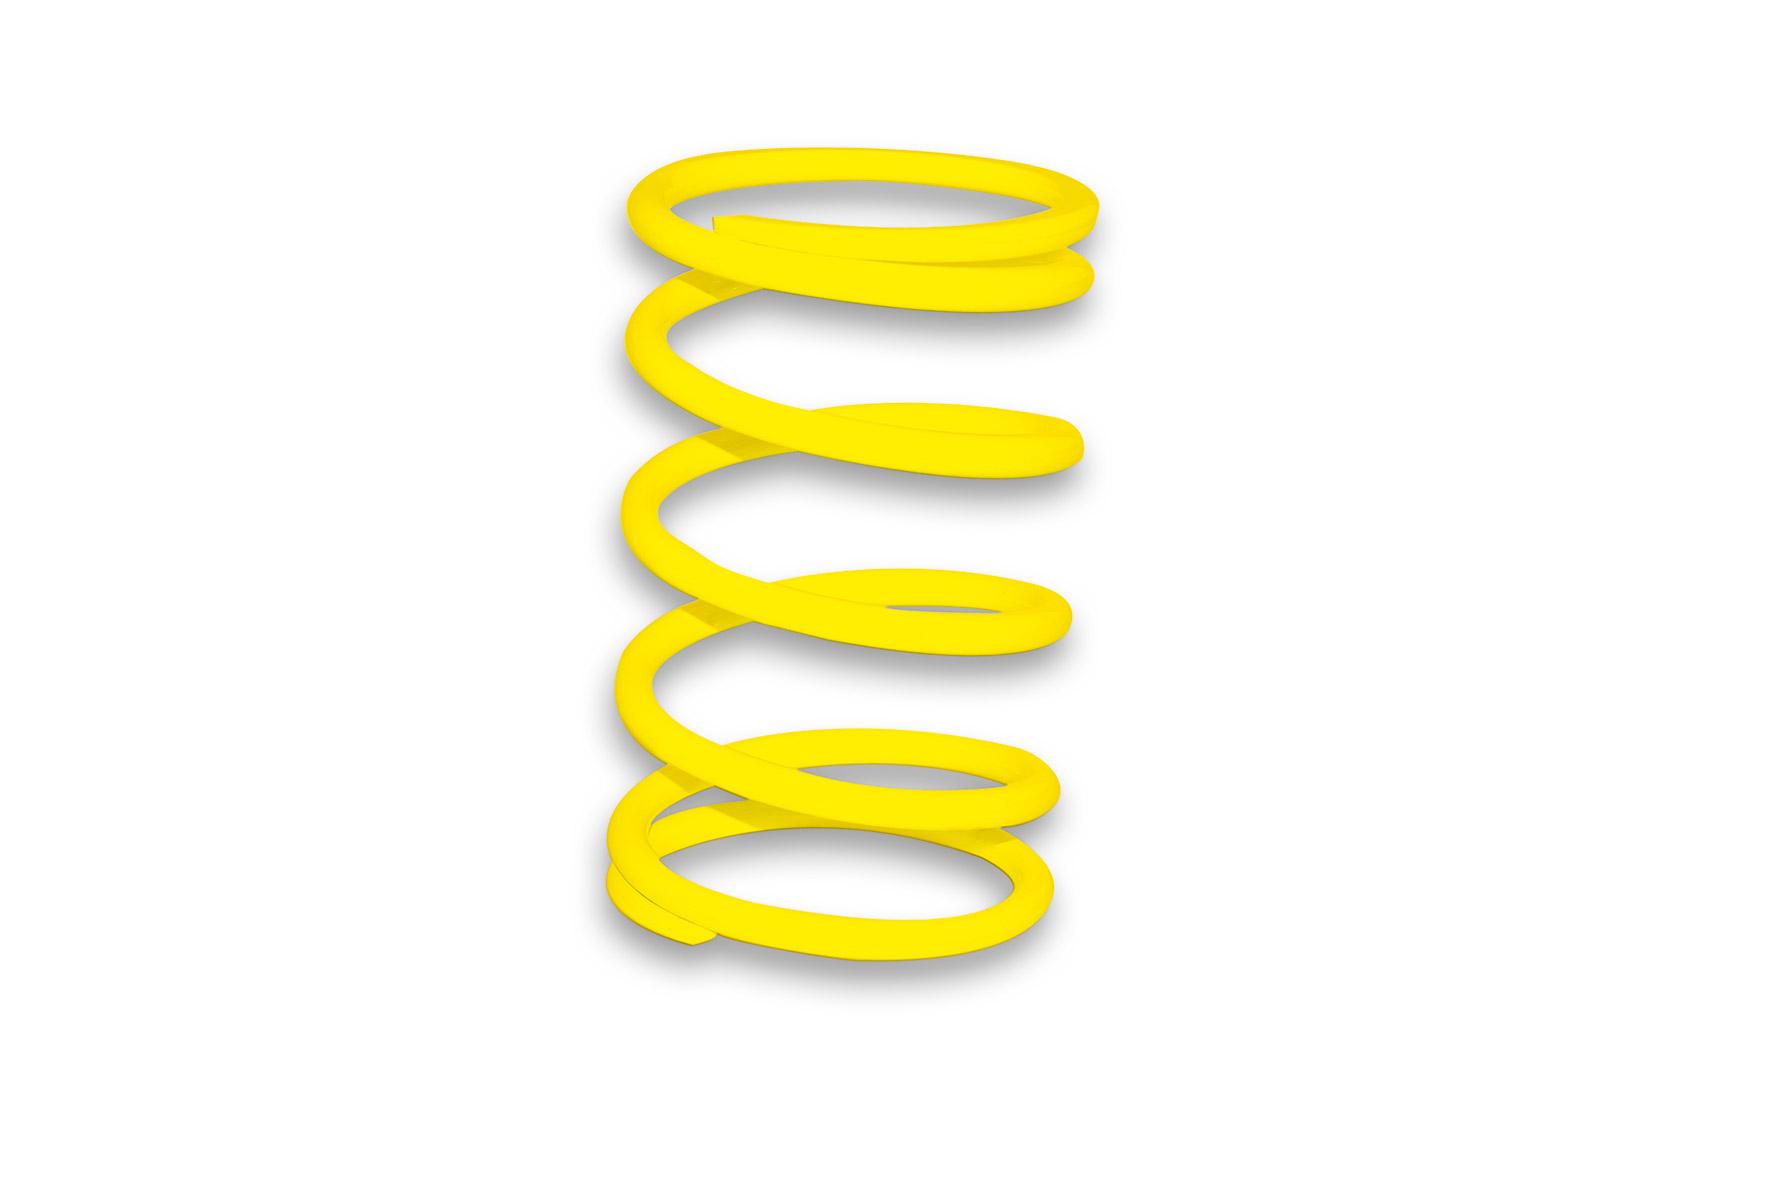 Molla di contrasto variatore gialla (Ø esterno 57,50x120 mm - Ø filo 4,5 mm - k 5,5)